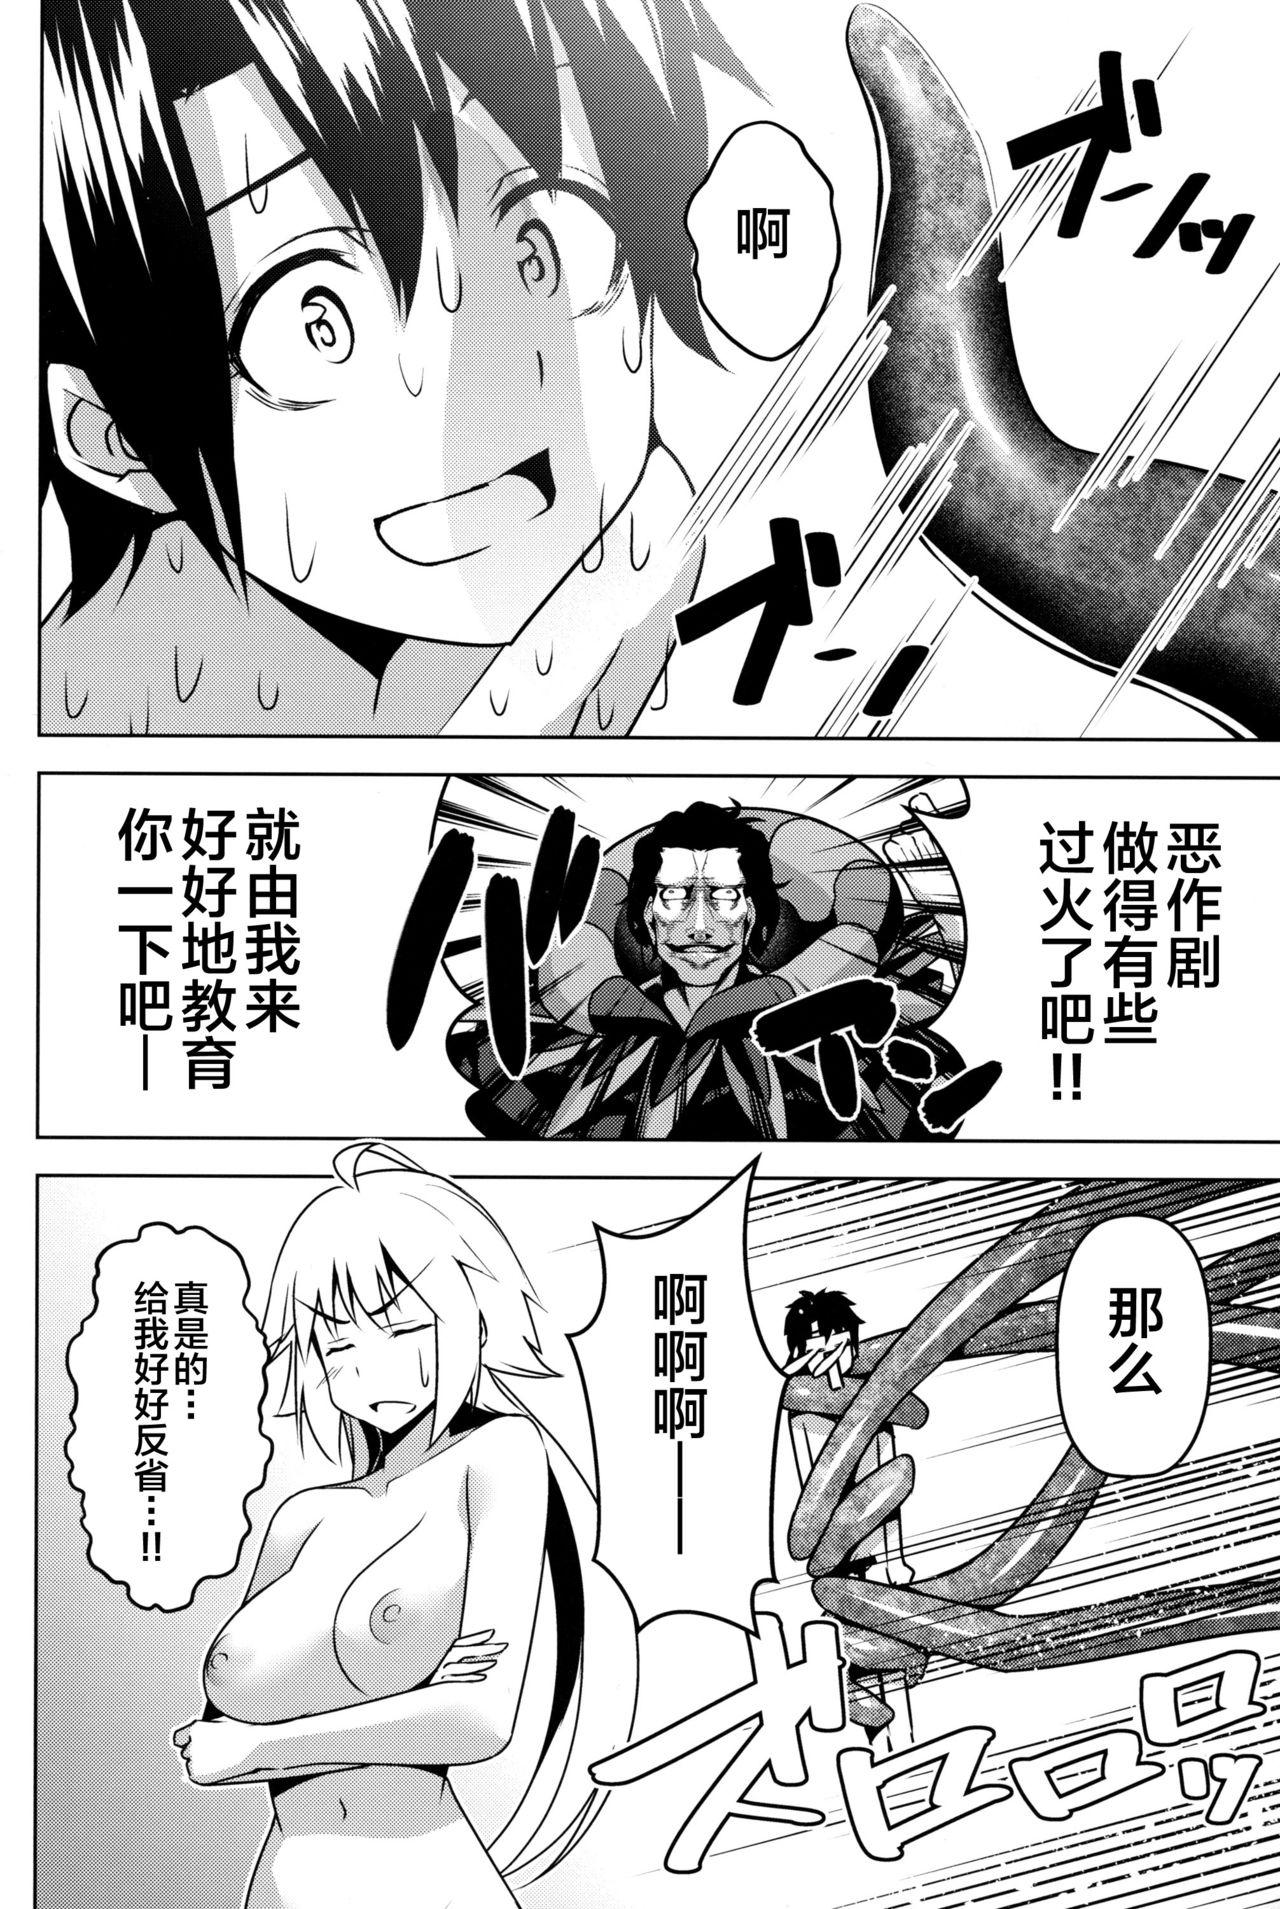 Jeanne ga Zenzen Denai kara 26